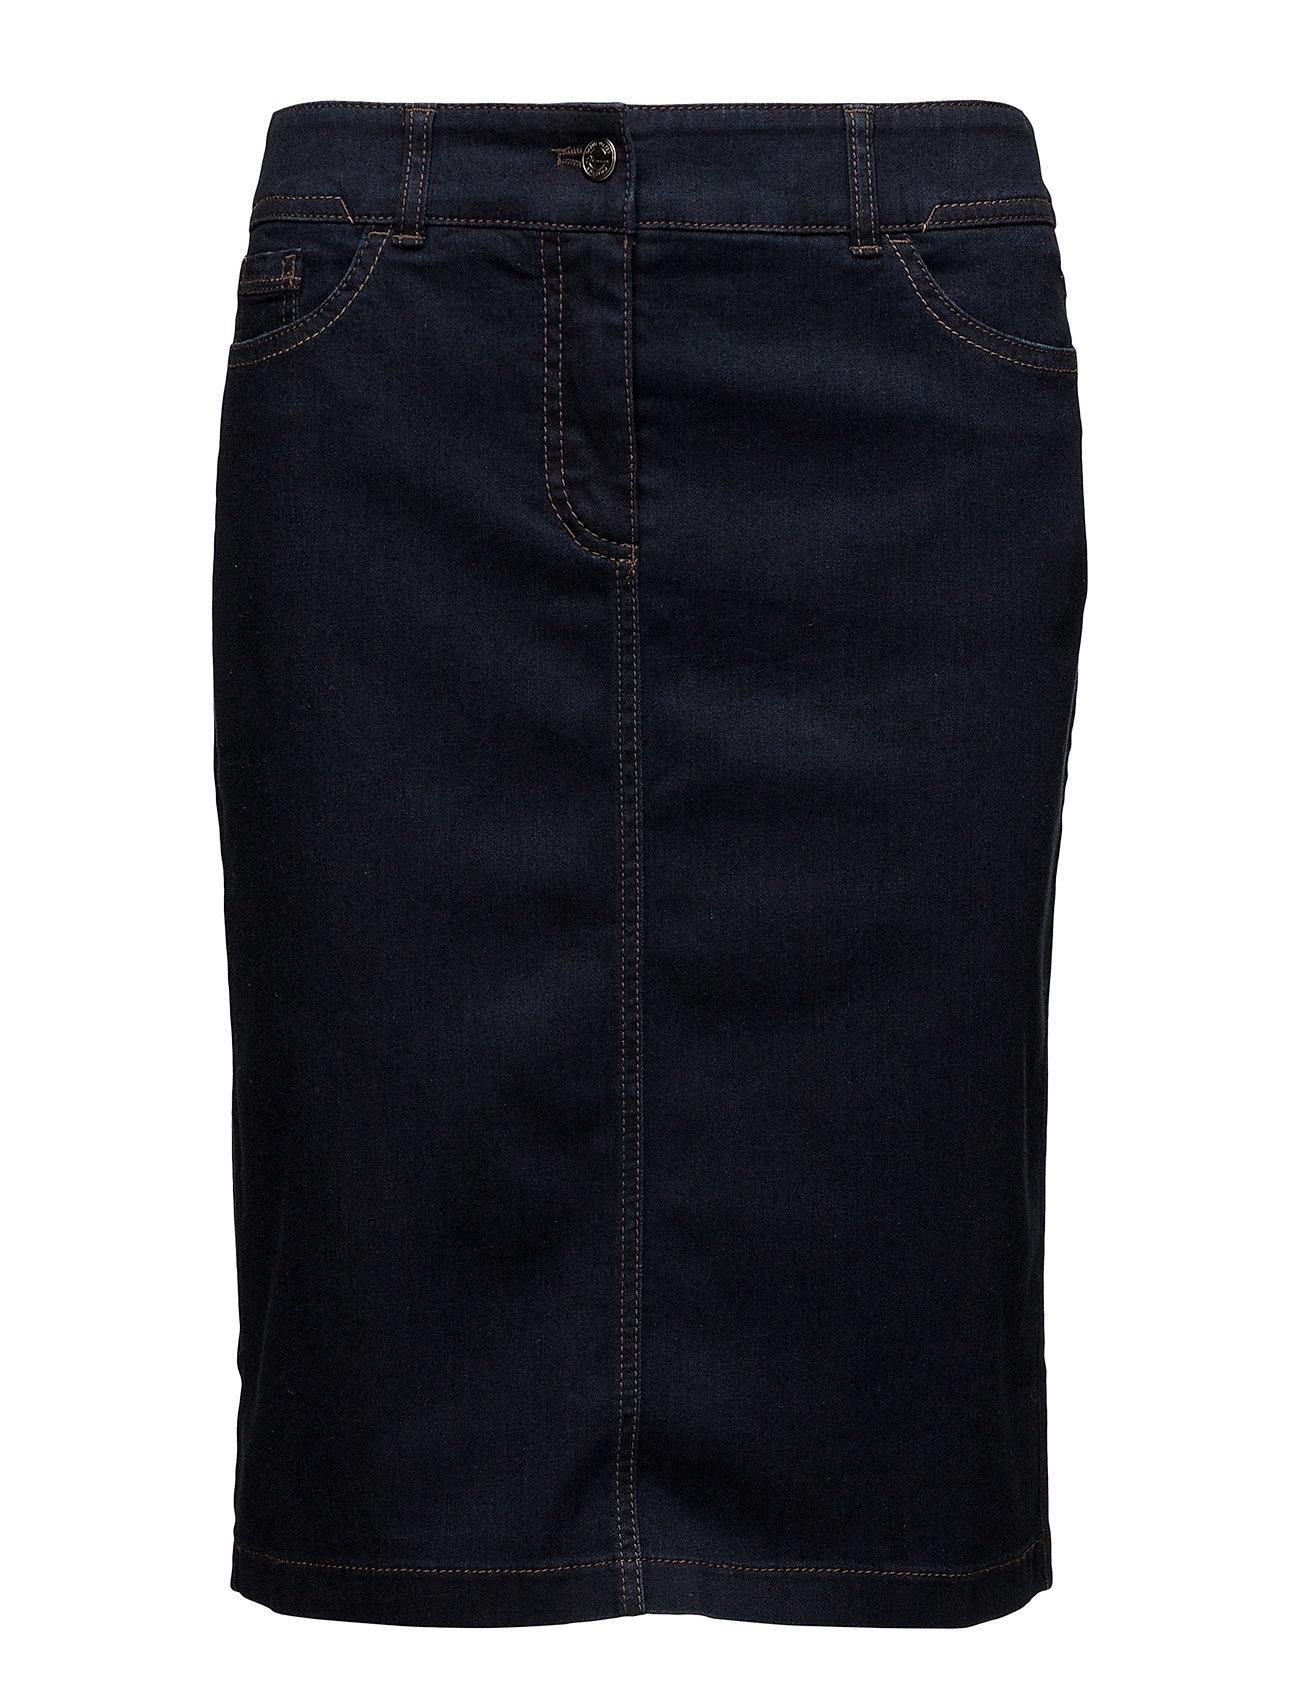 6829137d43 Skirt Short Woven Fa (Dark Denim) (33.65 €) - Gerry Weber Edition ...